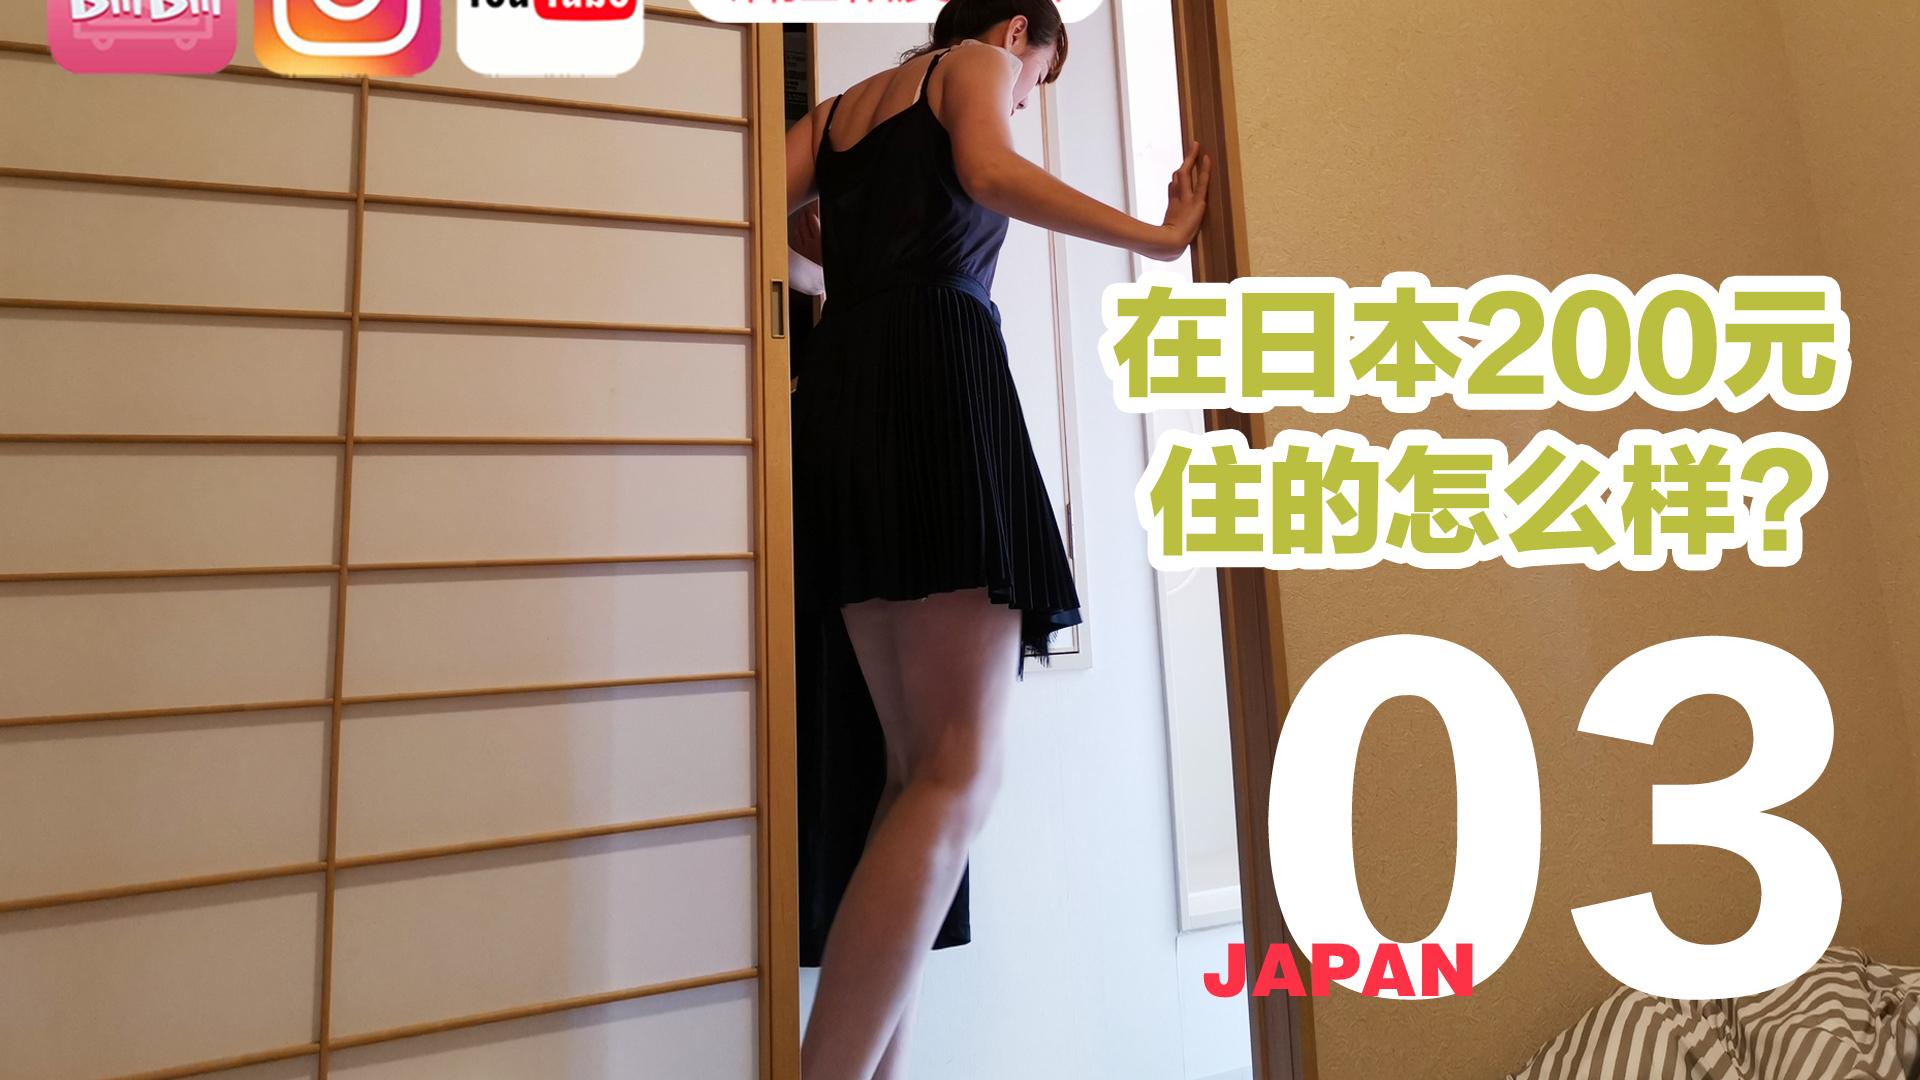 真实的日本03集:在大阪住200块一晚的民宿是什么样的体验?